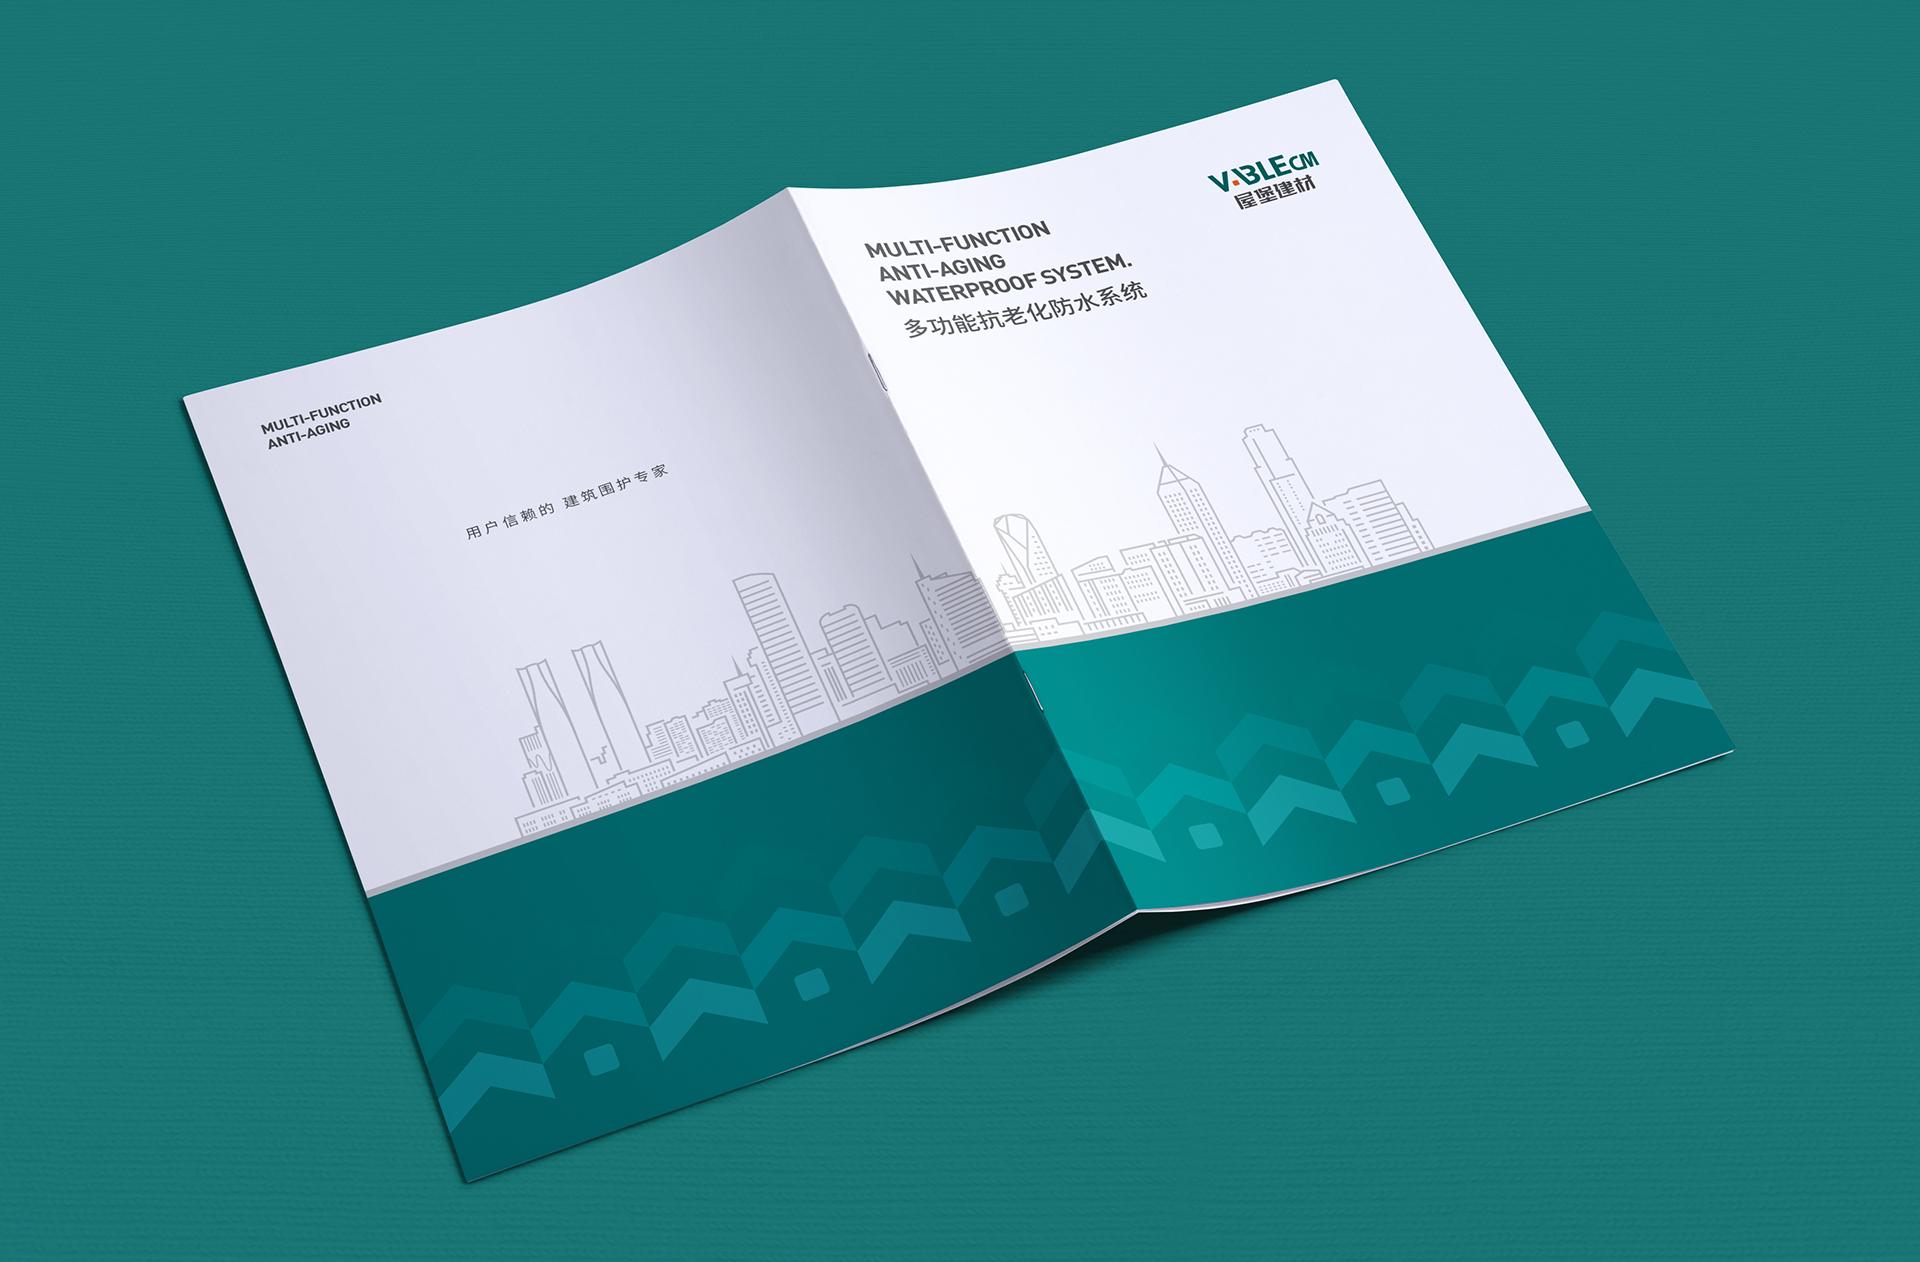 屋堡建材品牌设计应用支持画册设计